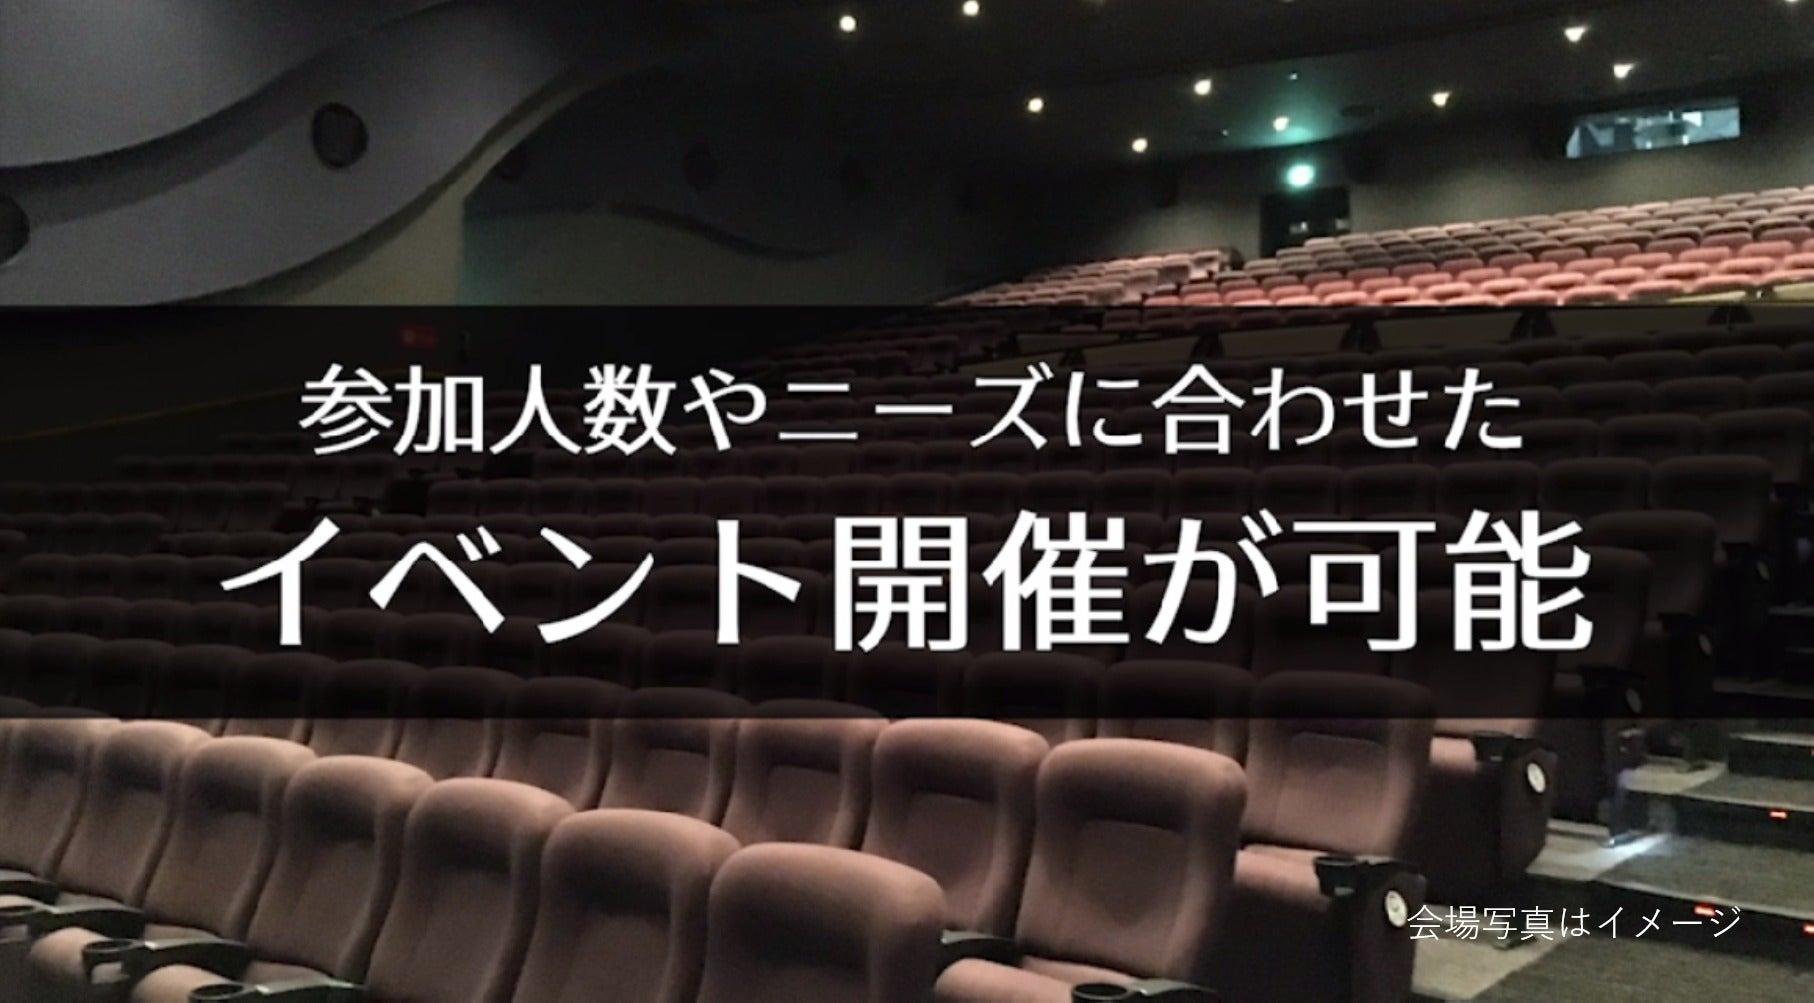 【新座 129席】映画館で、会社説明会、株主総会、講演会の企画はいかがですか?(ユナイテッド・シネマ新座) の写真0